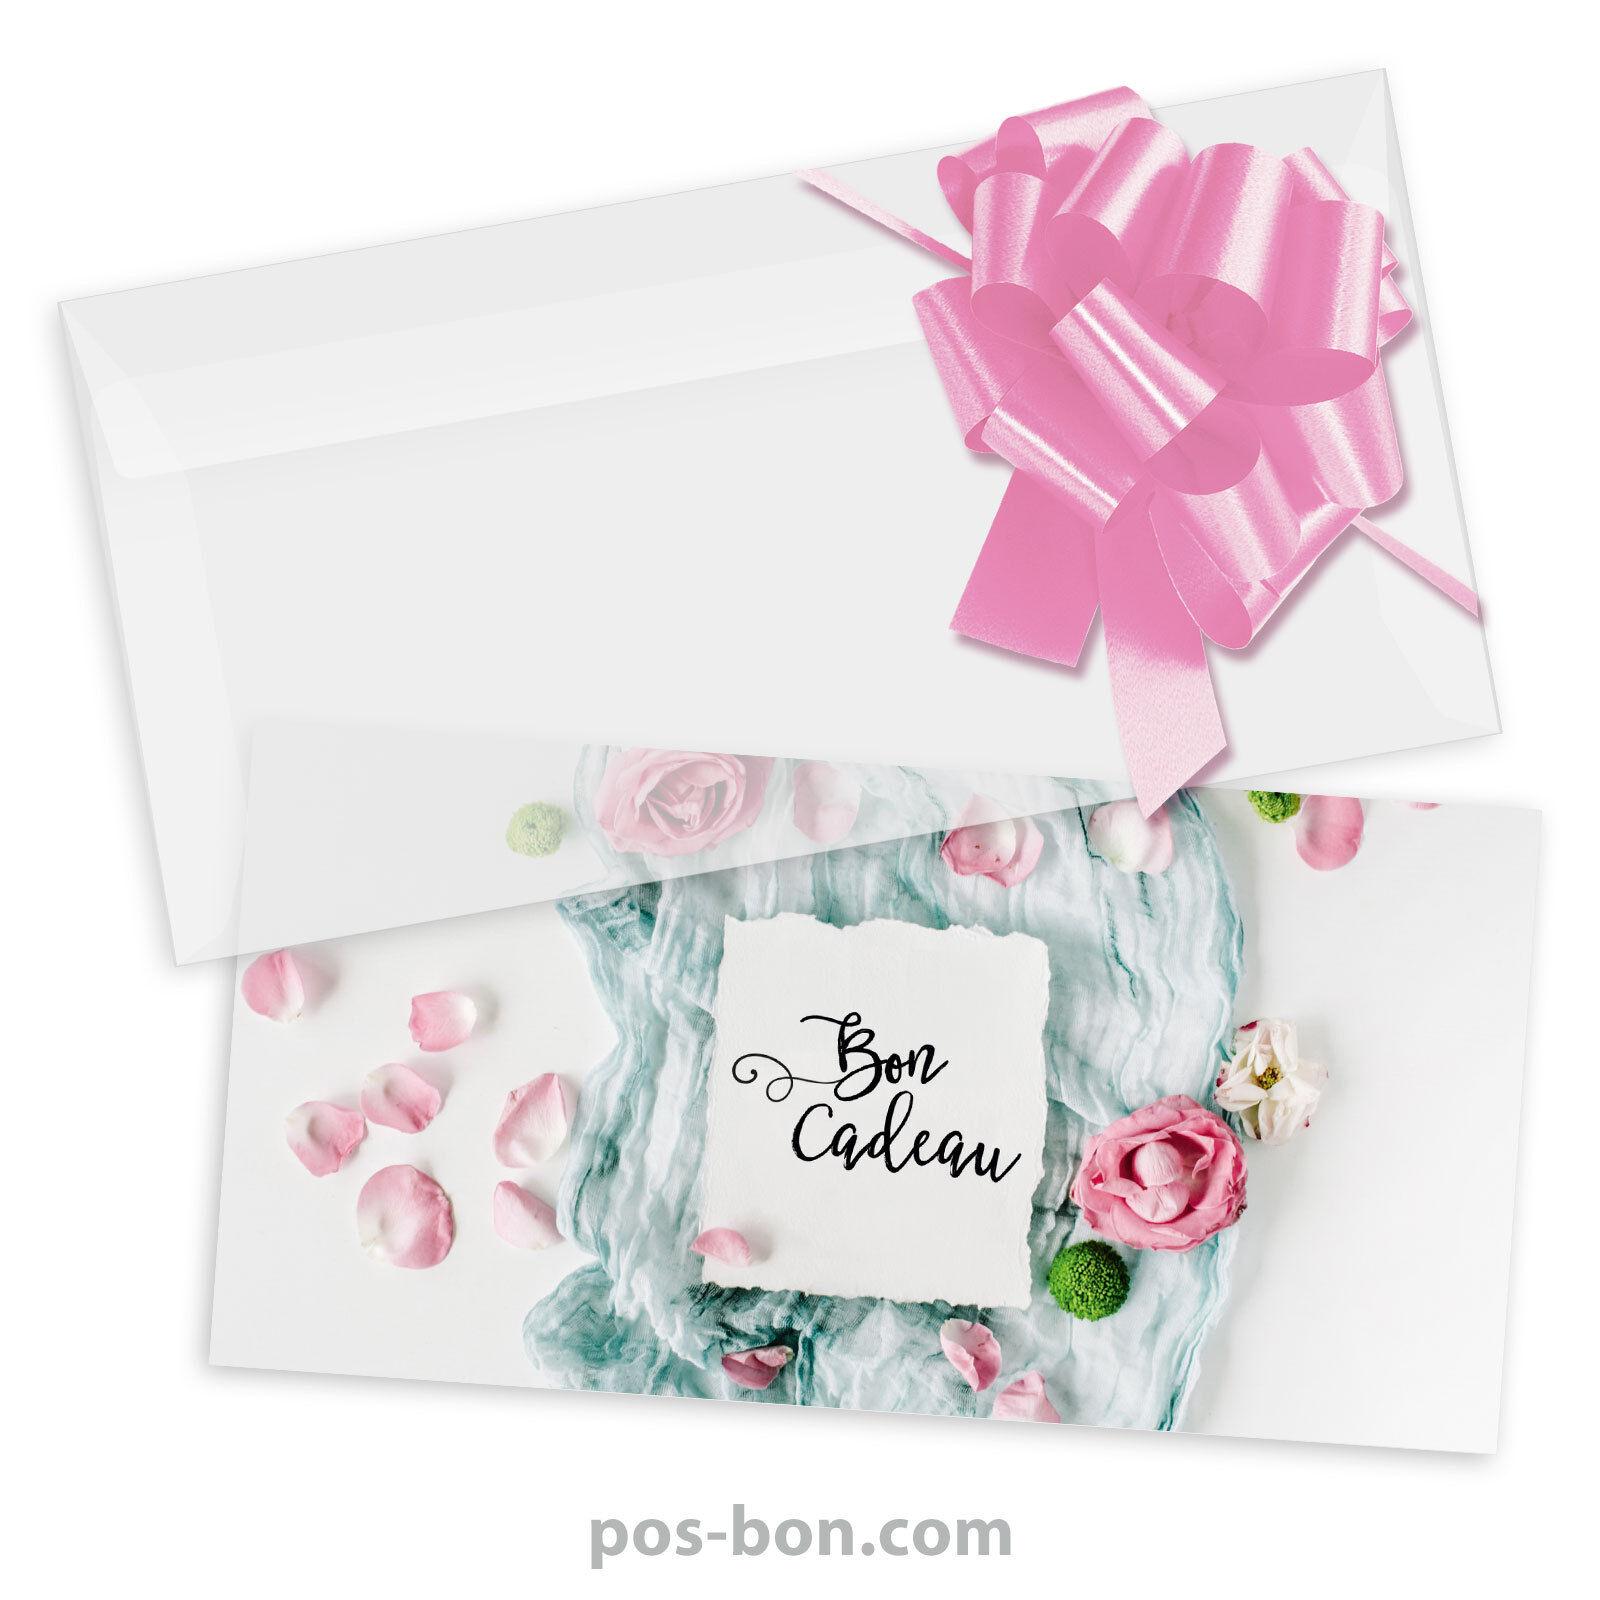 Bons cadeaux universels + enveloppes + nœuds rub. pour toutes occasions FA9262F